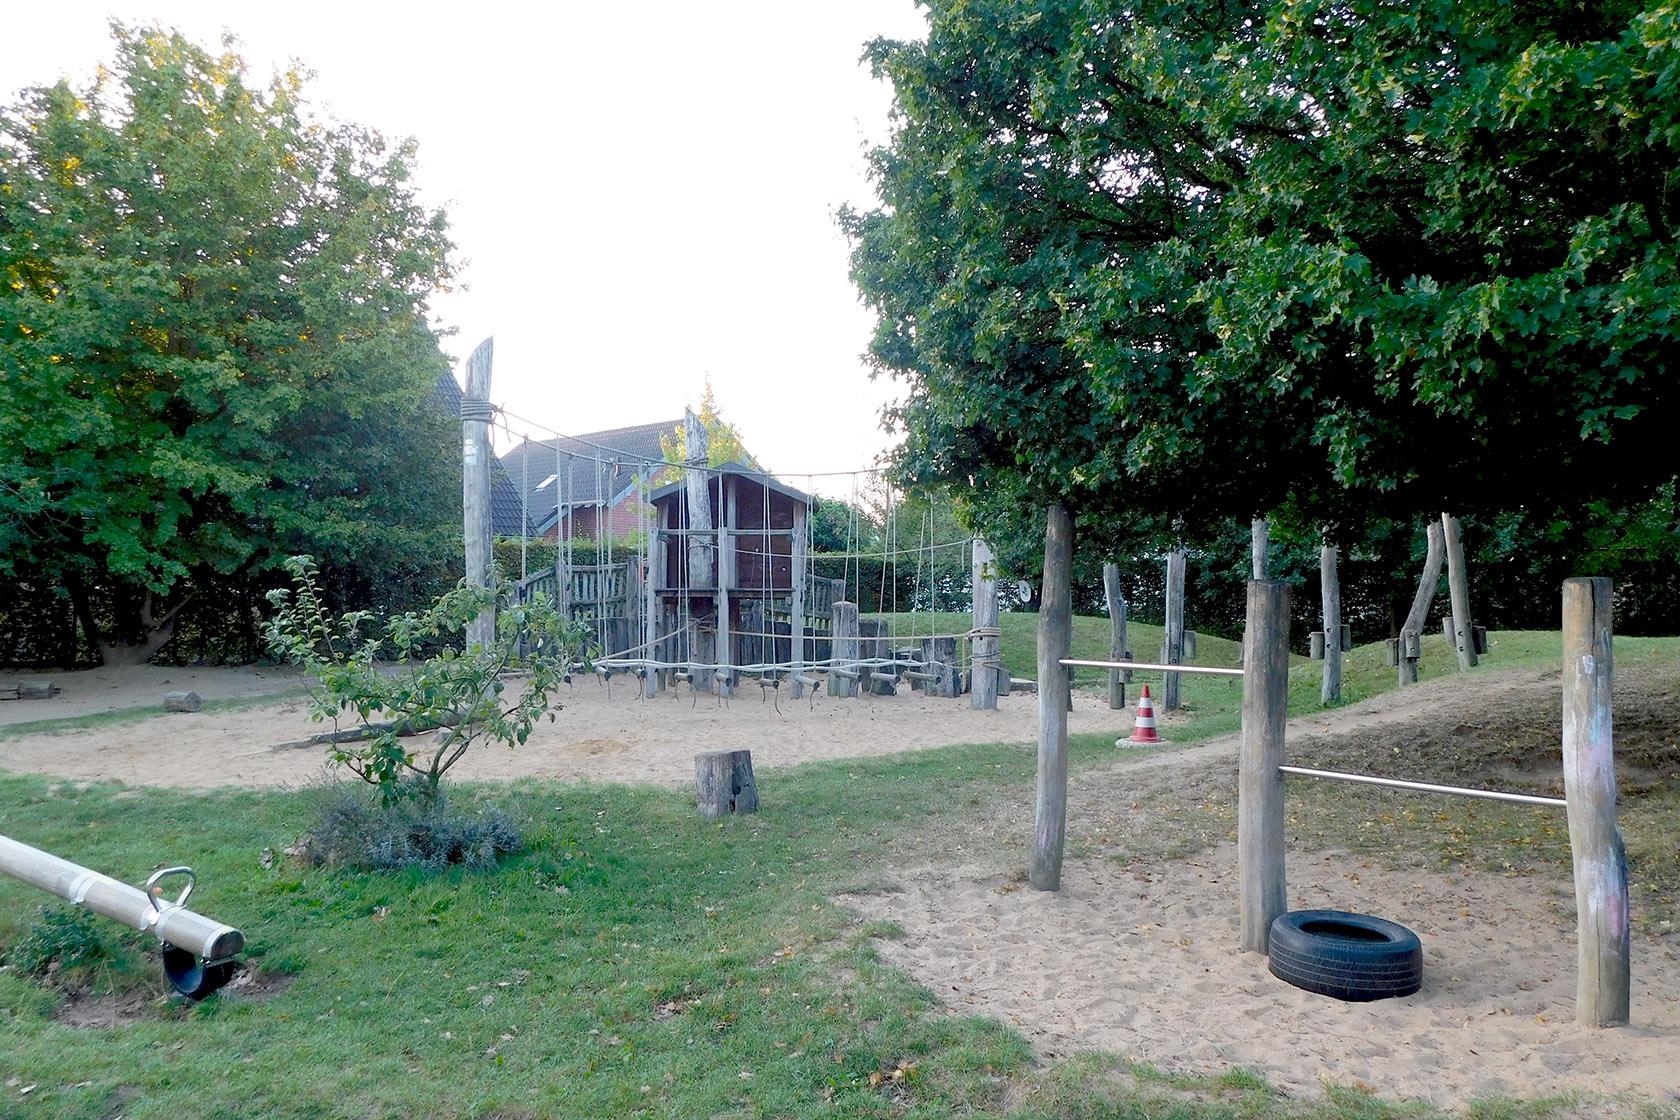 Außengelände der Johanniter-Kindertagesstätte Erkelenz mit Bäumen und Kettergeräten